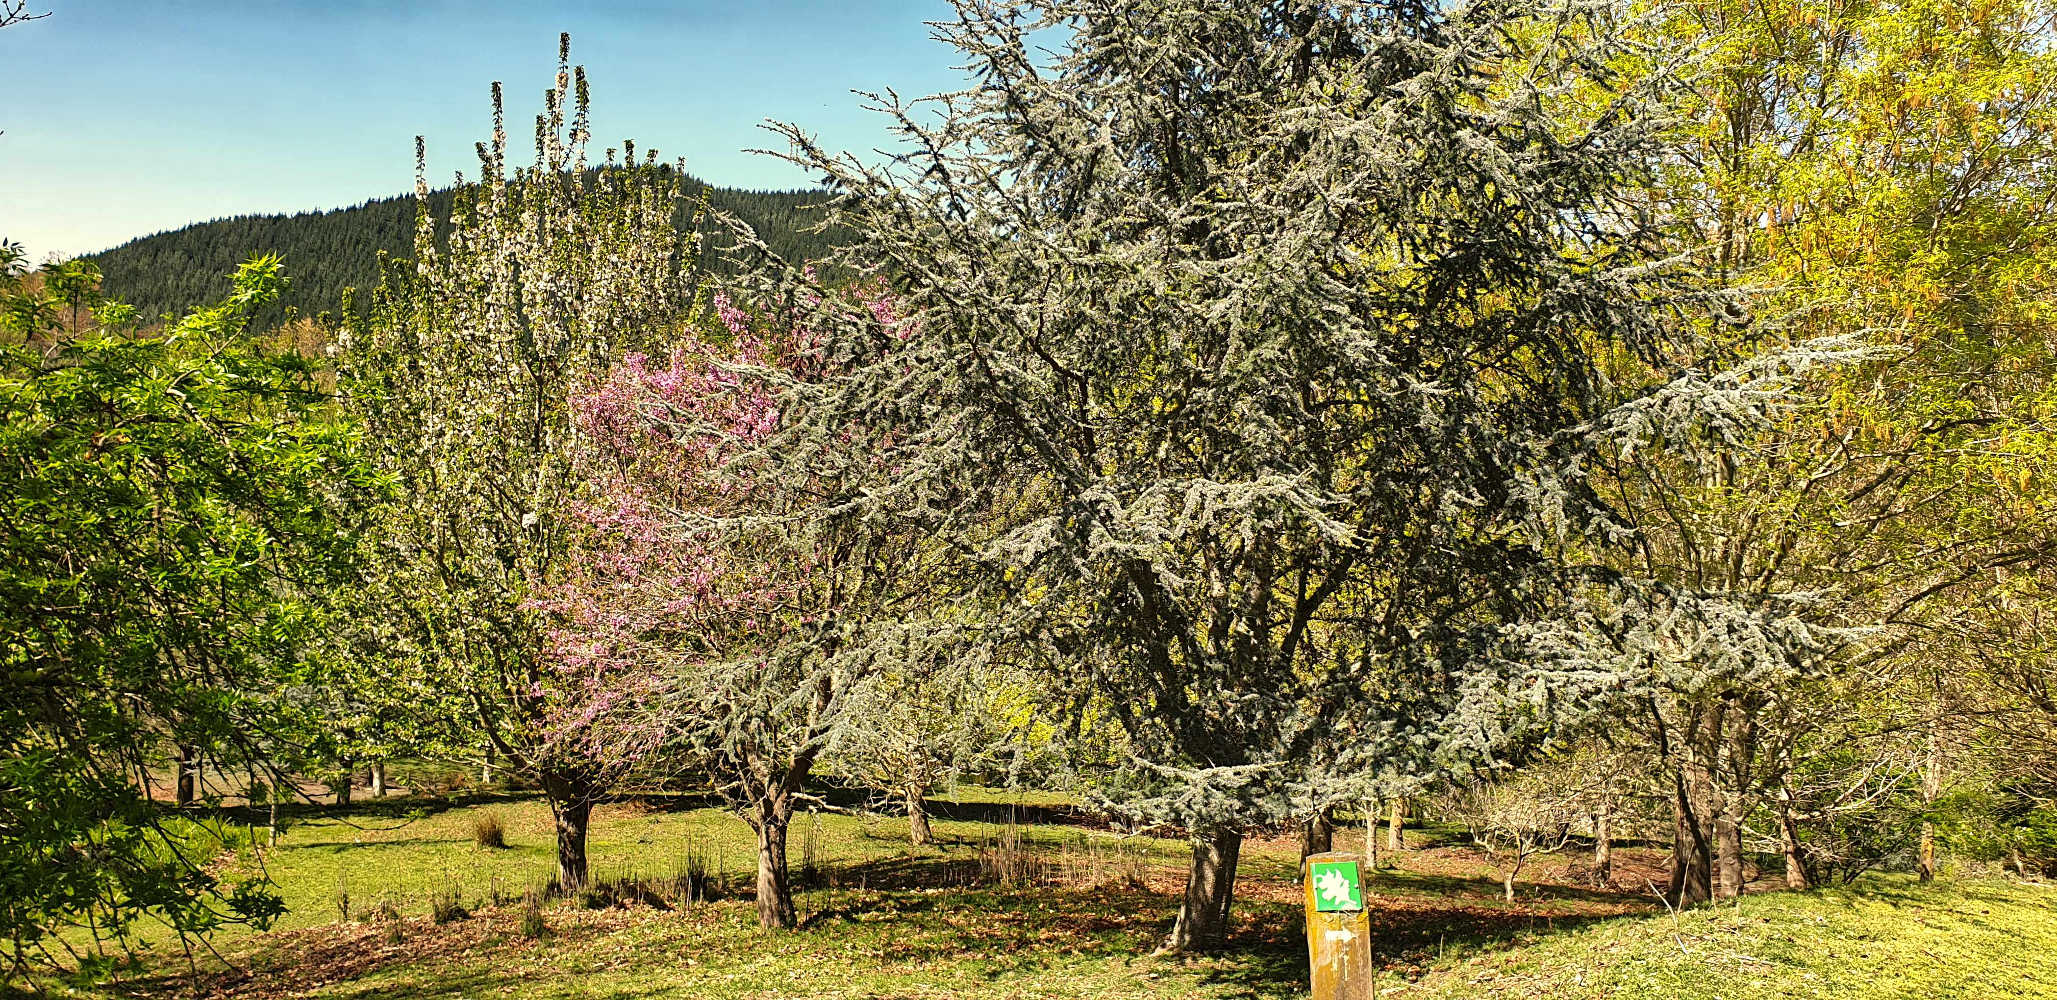 EastwoodHill Arboretum deciduous trees in spring,New Zealand